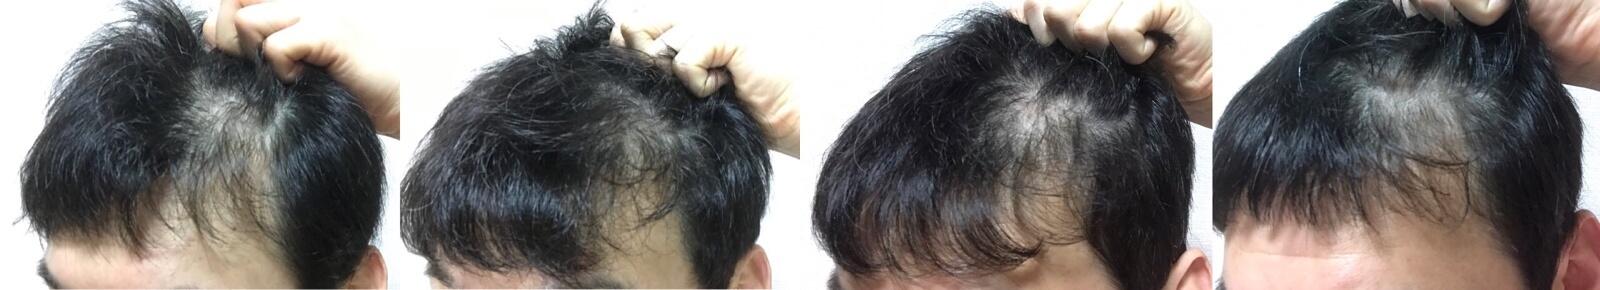 イワシ缶で育毛3か月の変化左側の髪の毛を上げた時